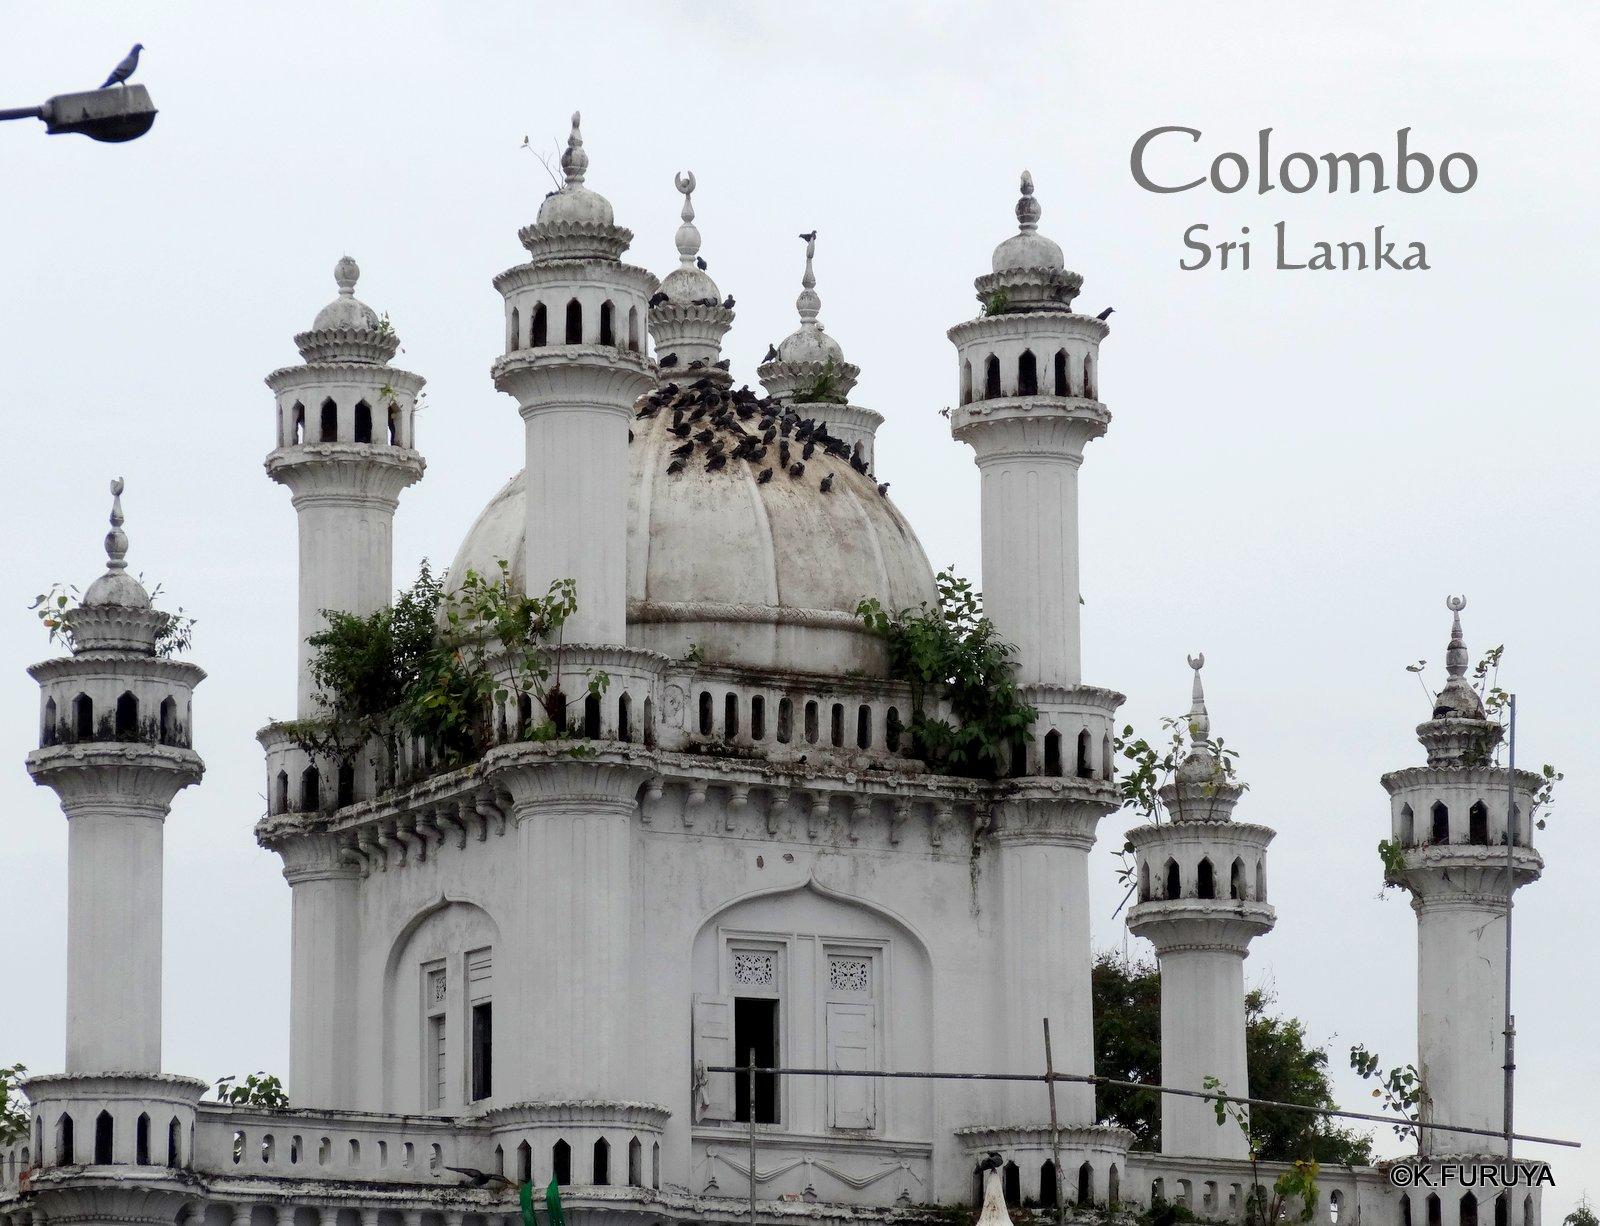 スリランカ旅行記 17  ゴールからコロンボへ_a0092659_18414355.jpg